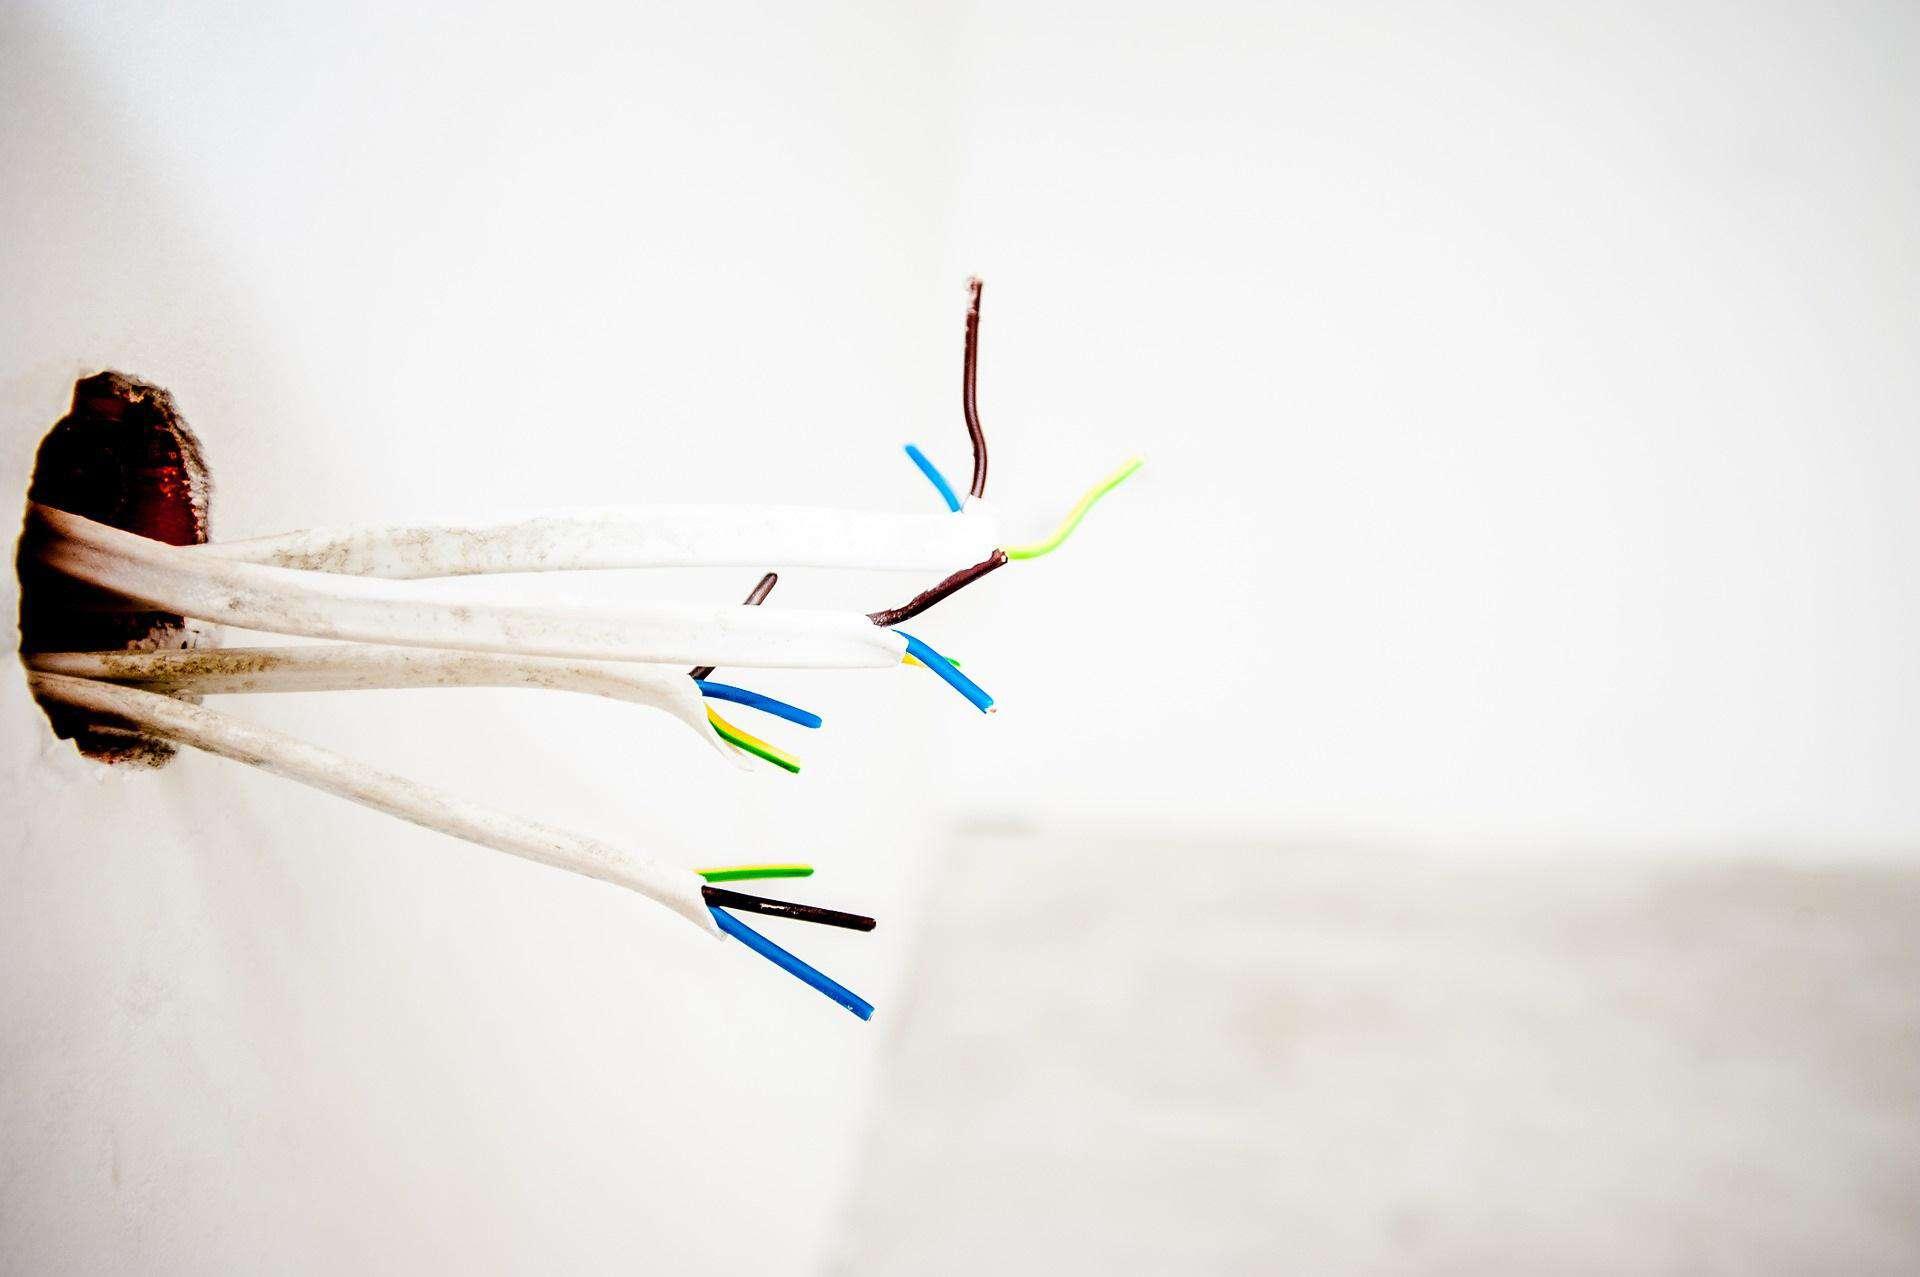 przewody elektryczne wystające ze ściany